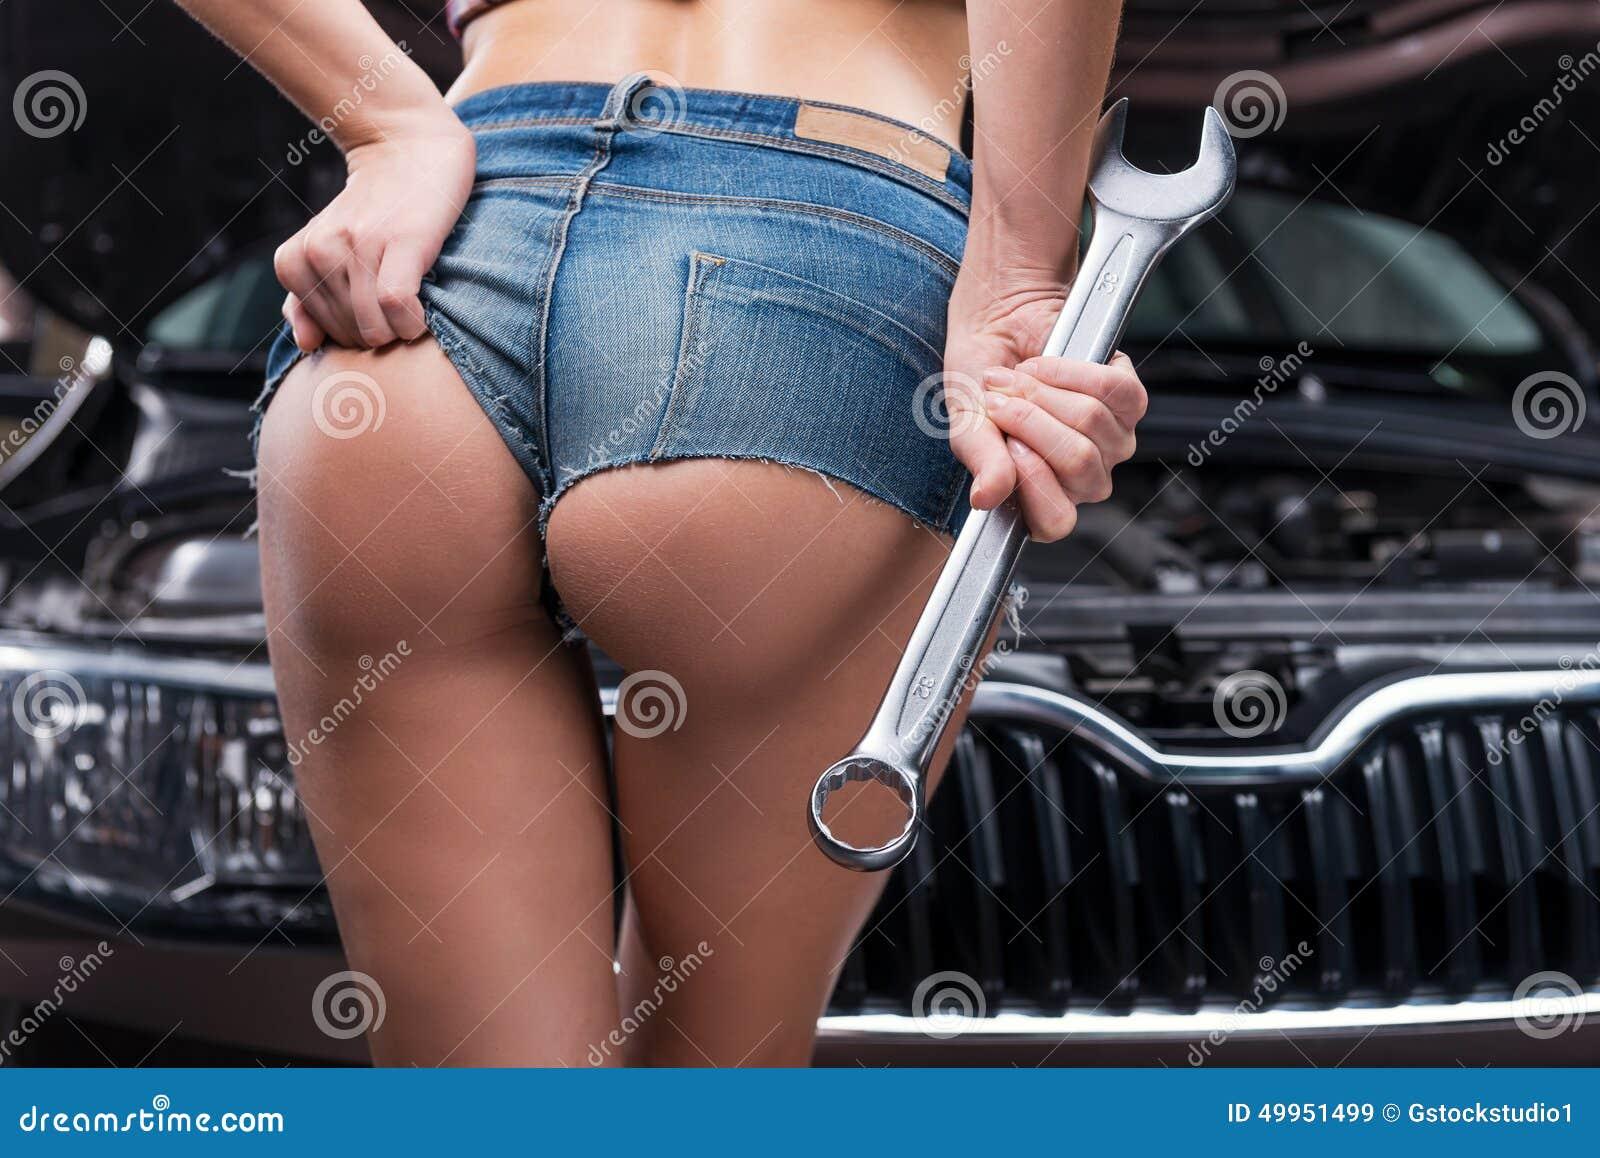 Девушки механик сексуальные